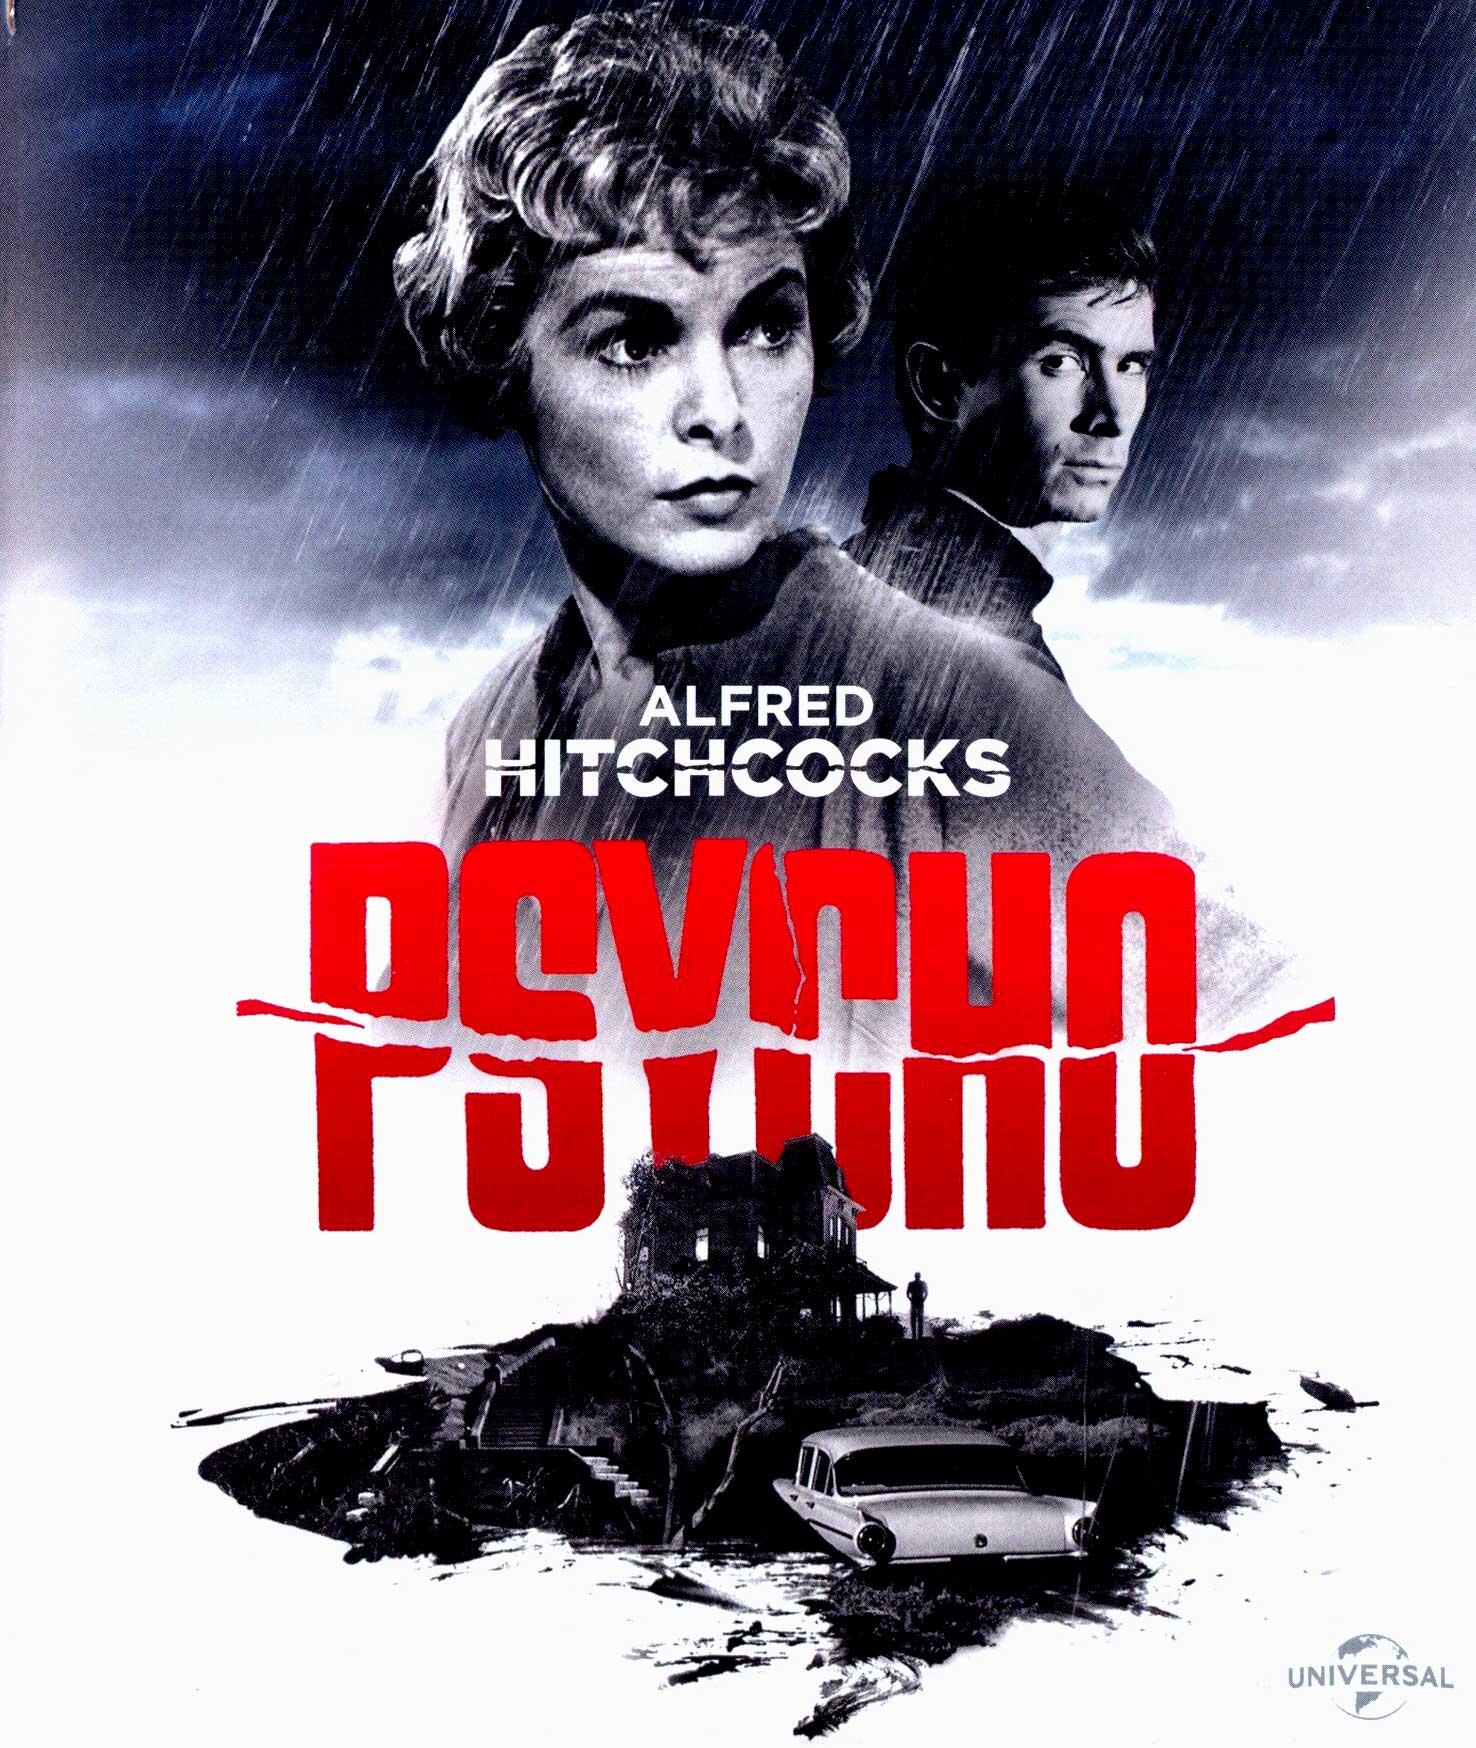 دانلود فیلم روانی Psycho - دانلود فیلم روانی Psycho دوبله فارسی